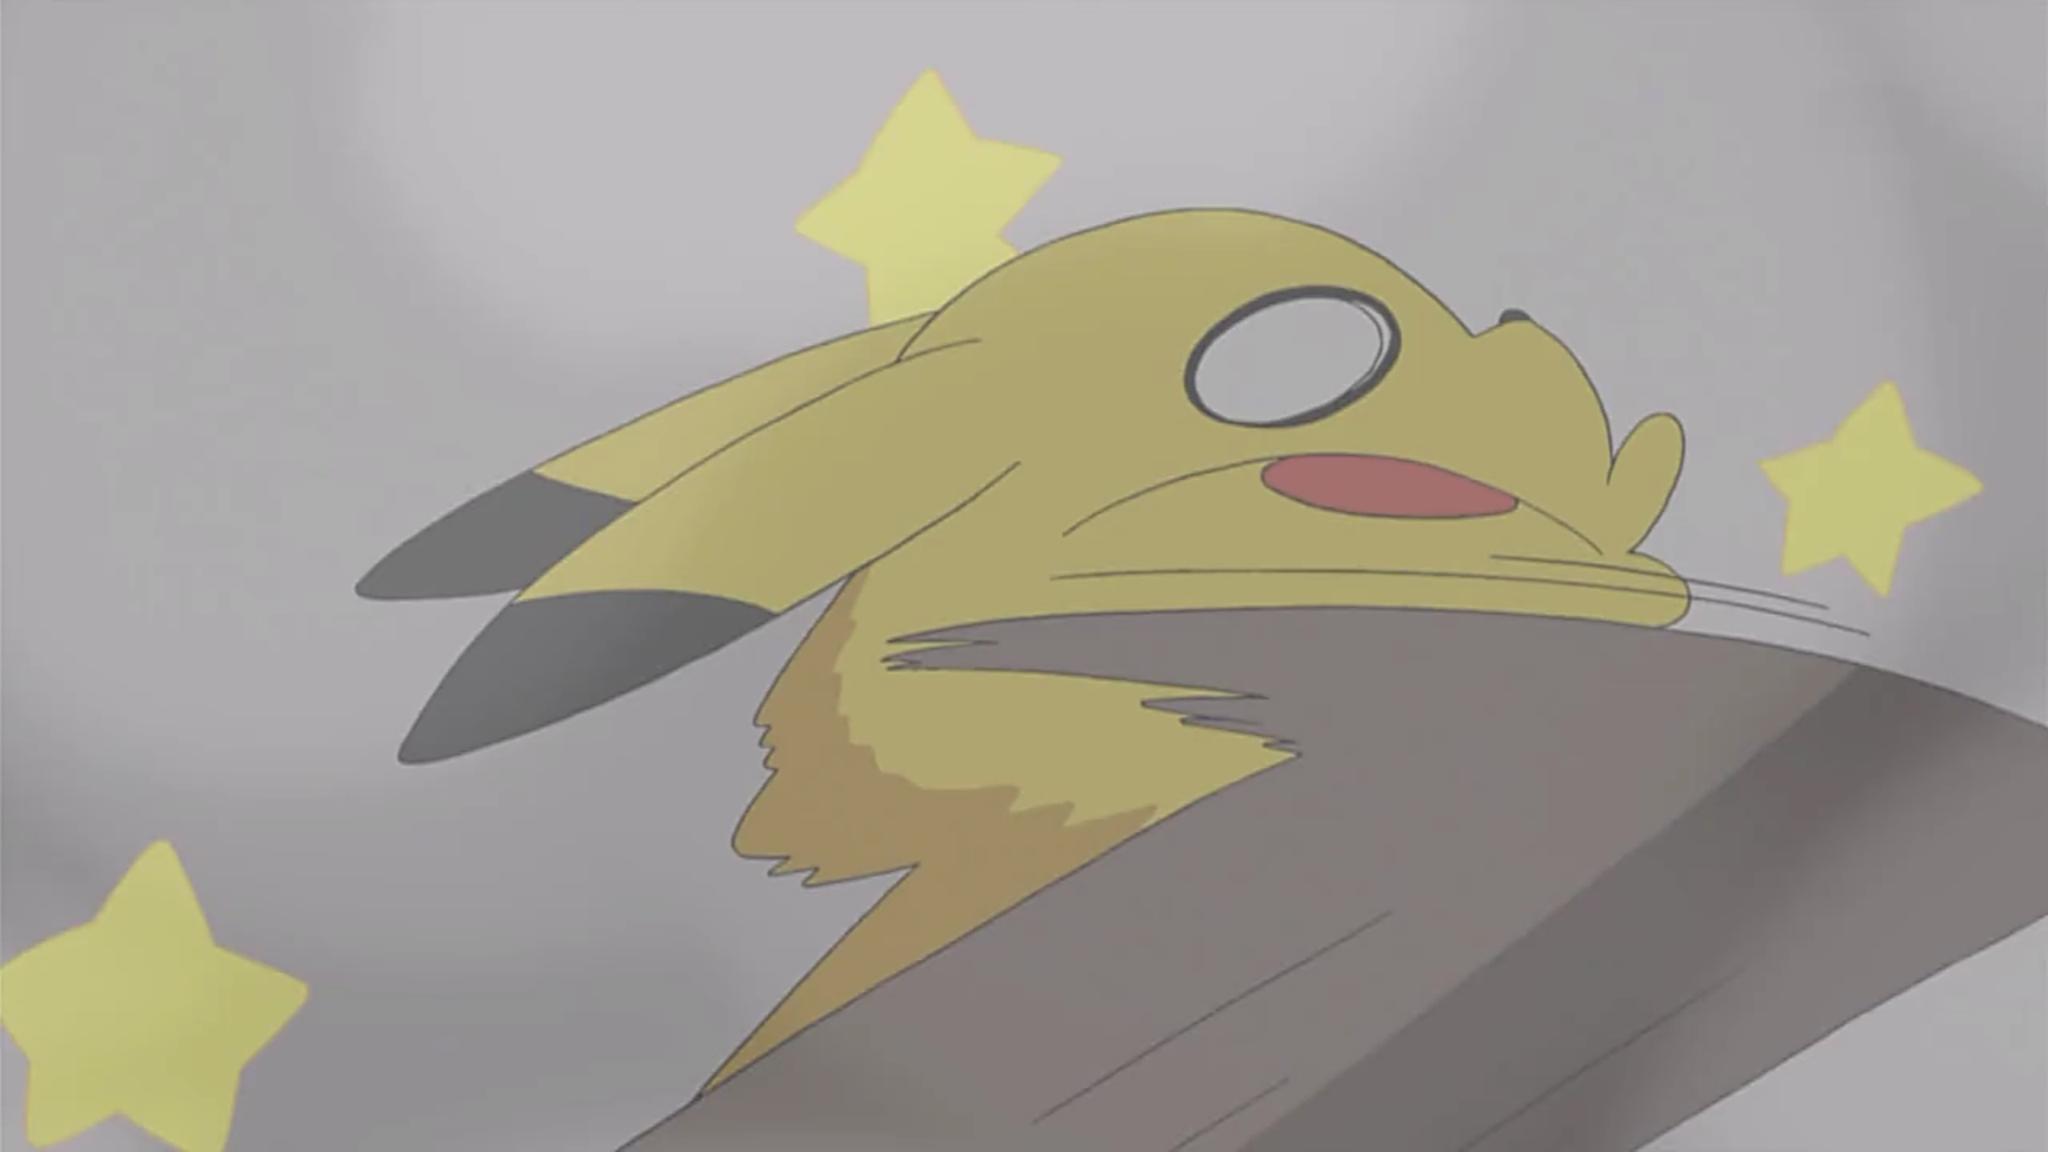 没错,这图上这样黄色孤独的背影,不是可达鸭是谁(港译作傻鸭,这名字挺